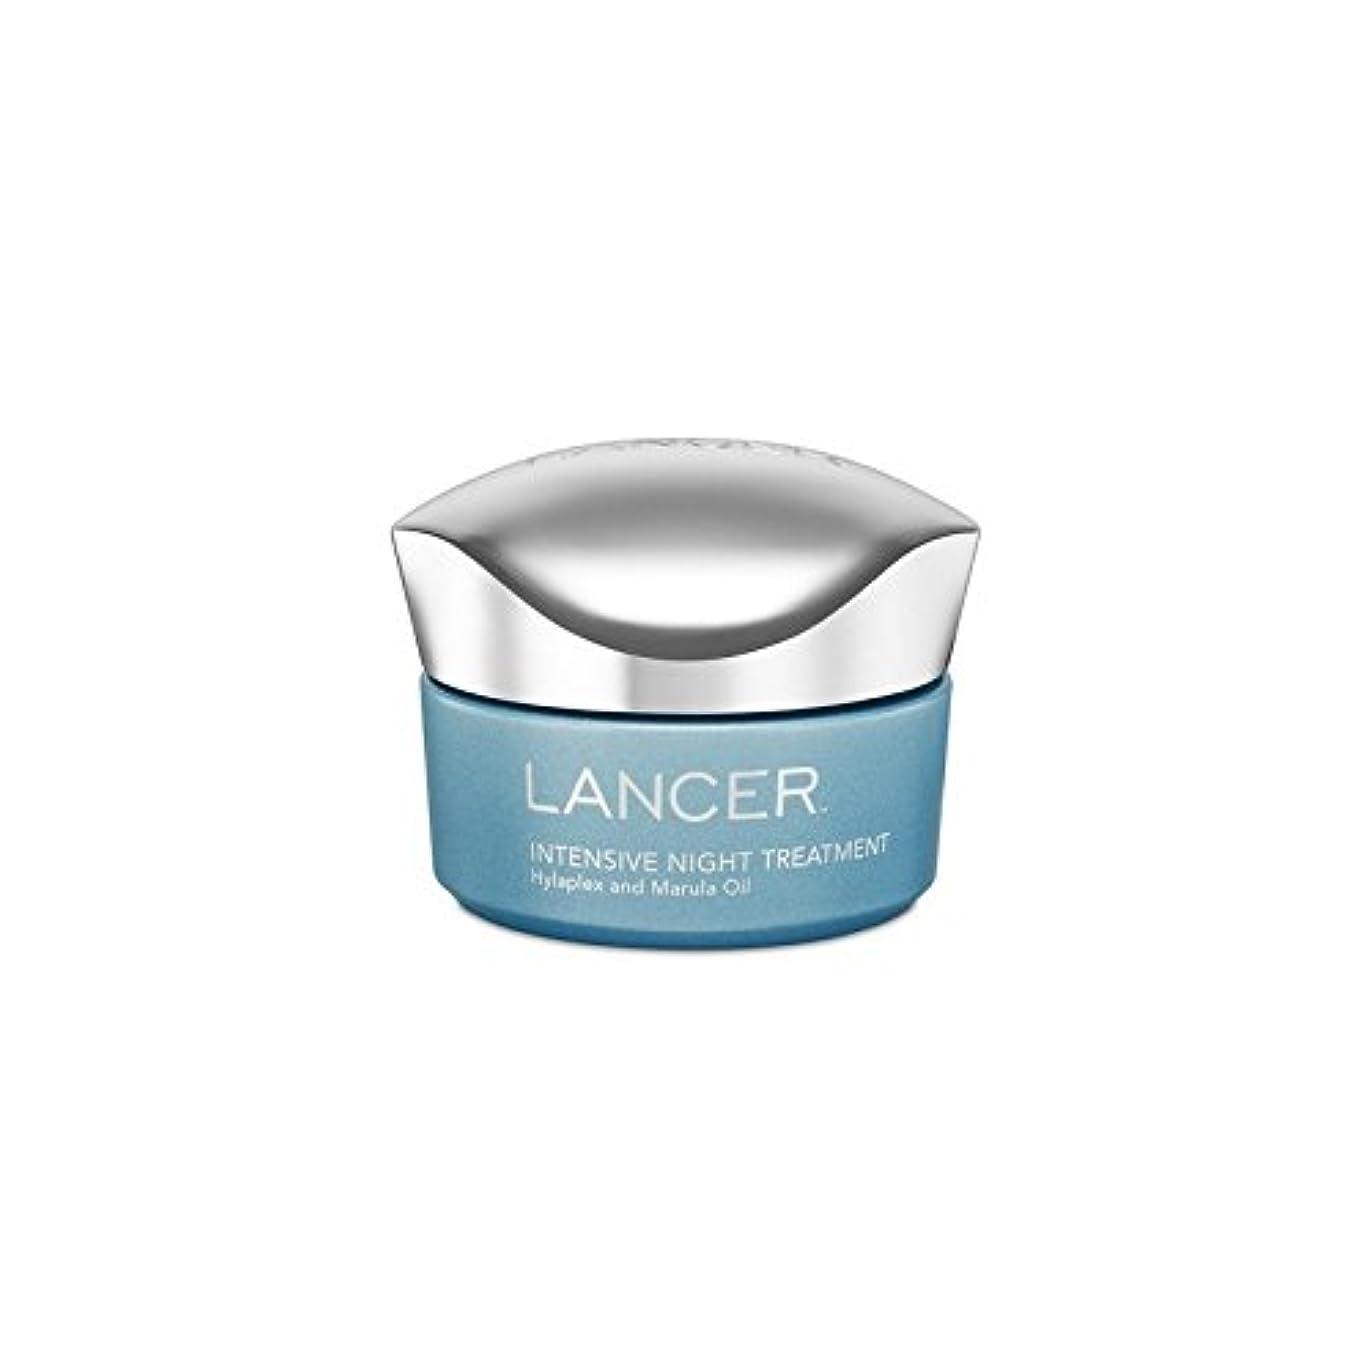 スポーツをする夫重量ランサースキンケア集中的な夜の治療(50ミリリットル) x4 - Lancer Skincare Intensive Night Treatment (50ml) (Pack of 4) [並行輸入品]